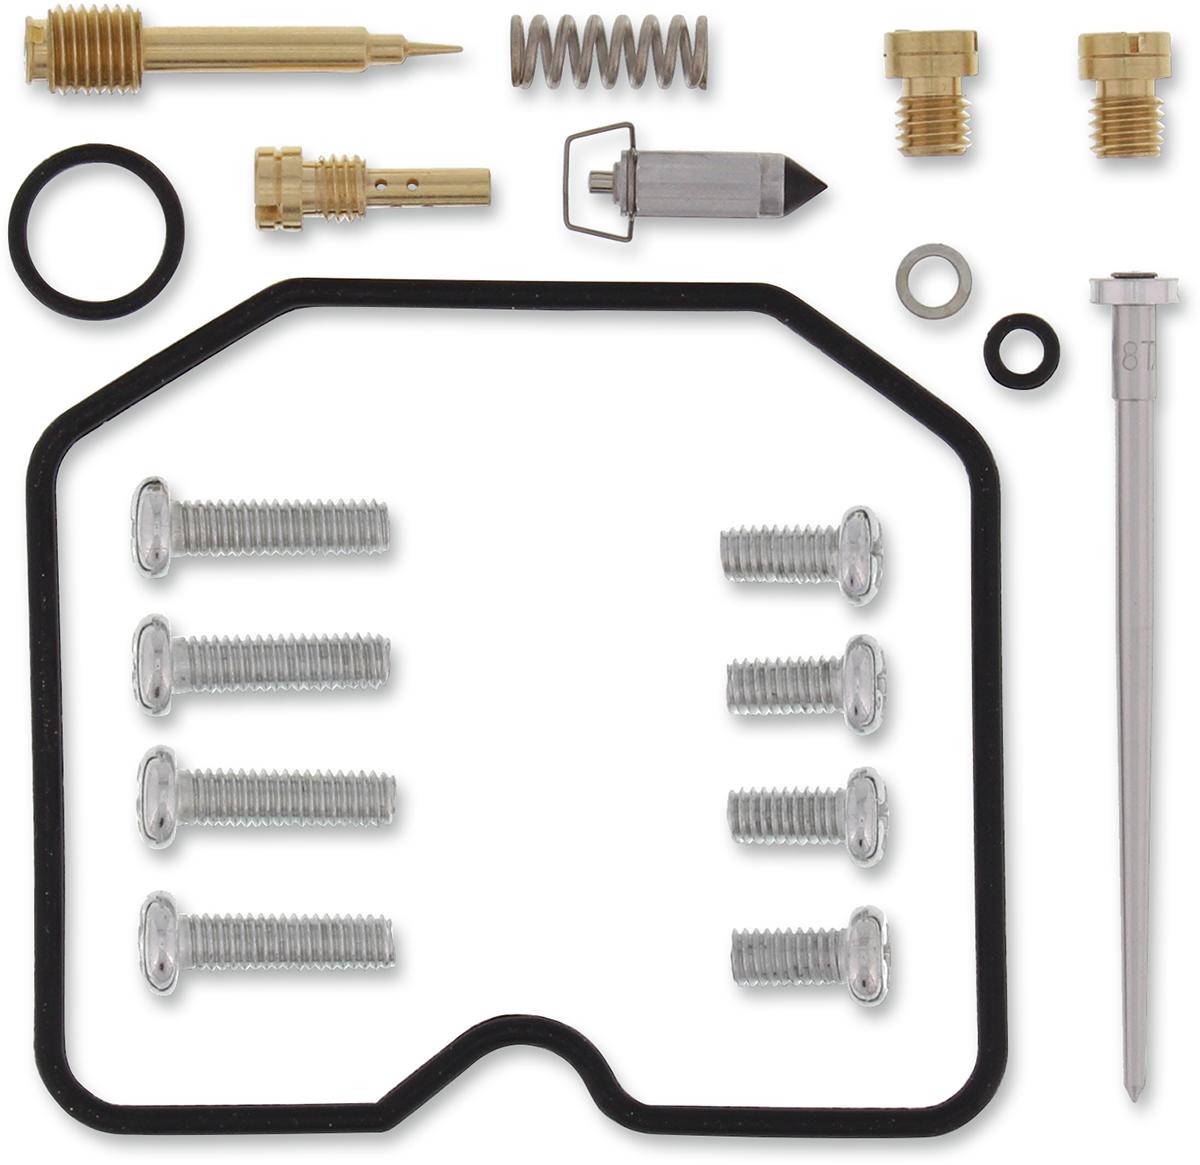 Carb Carburetor Rebuild Repair Kit for 2012-2017 Kawasaki KVF300 Brute Force